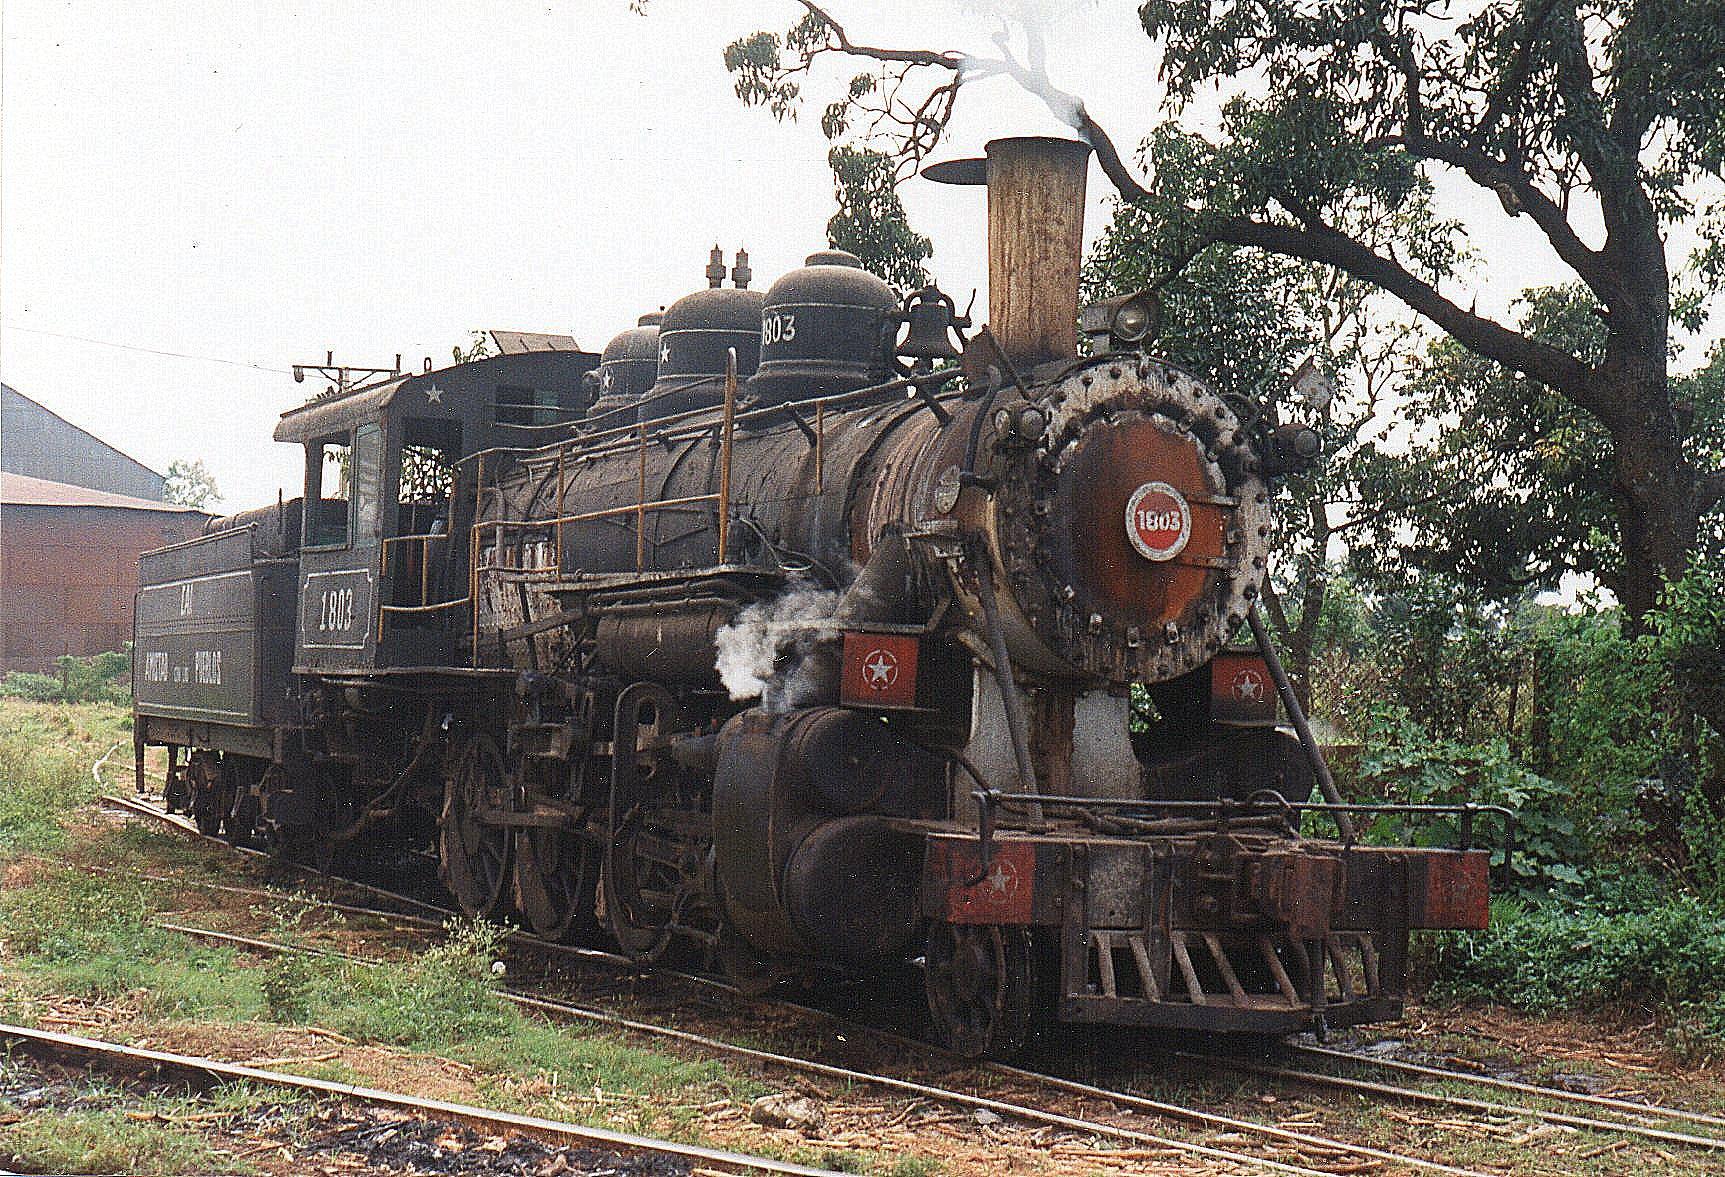 Cai 201, Amistad con los Pueblos 1803, Baldwin 52195/1920 syd for Havana var turens første damplokomotiv. 1'D-koblet og i næsthøjeste trakkraftklasse. Møllenavnet betyder Venskab mellem Folkene, aet meget brugt navn eller slagord i socialistiske lande.